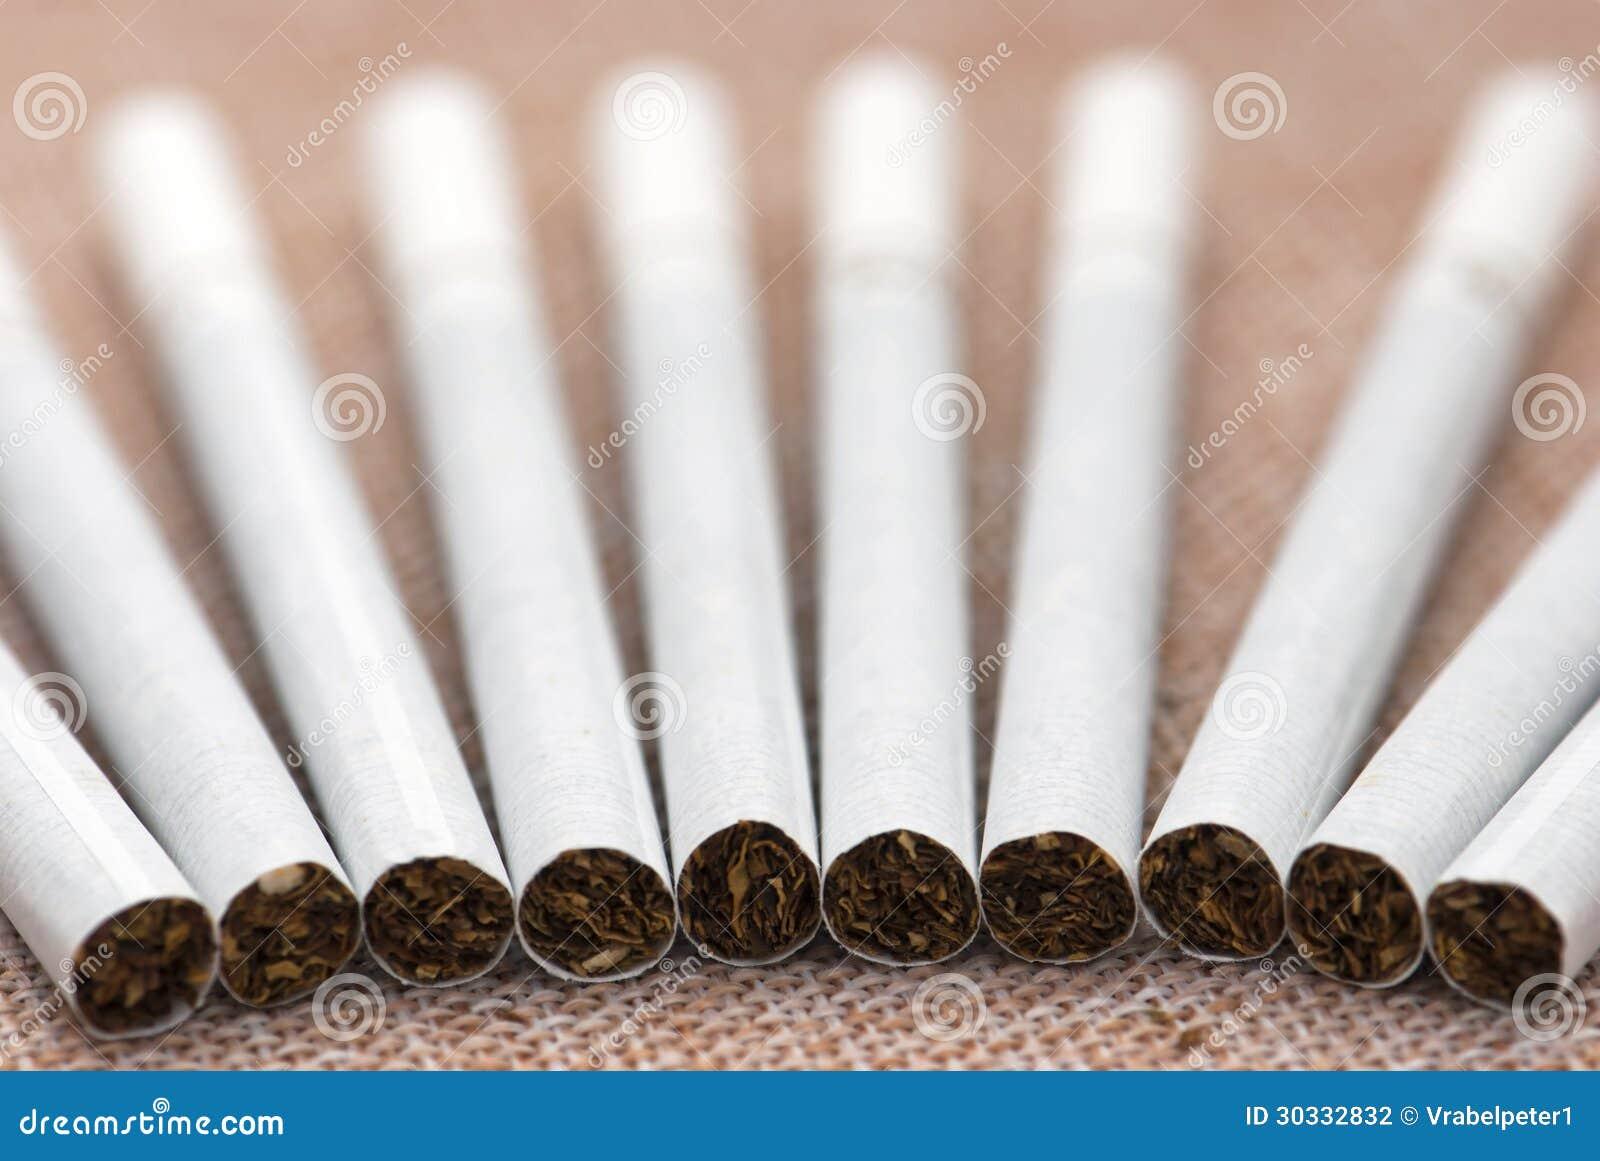 更加白色的香烟